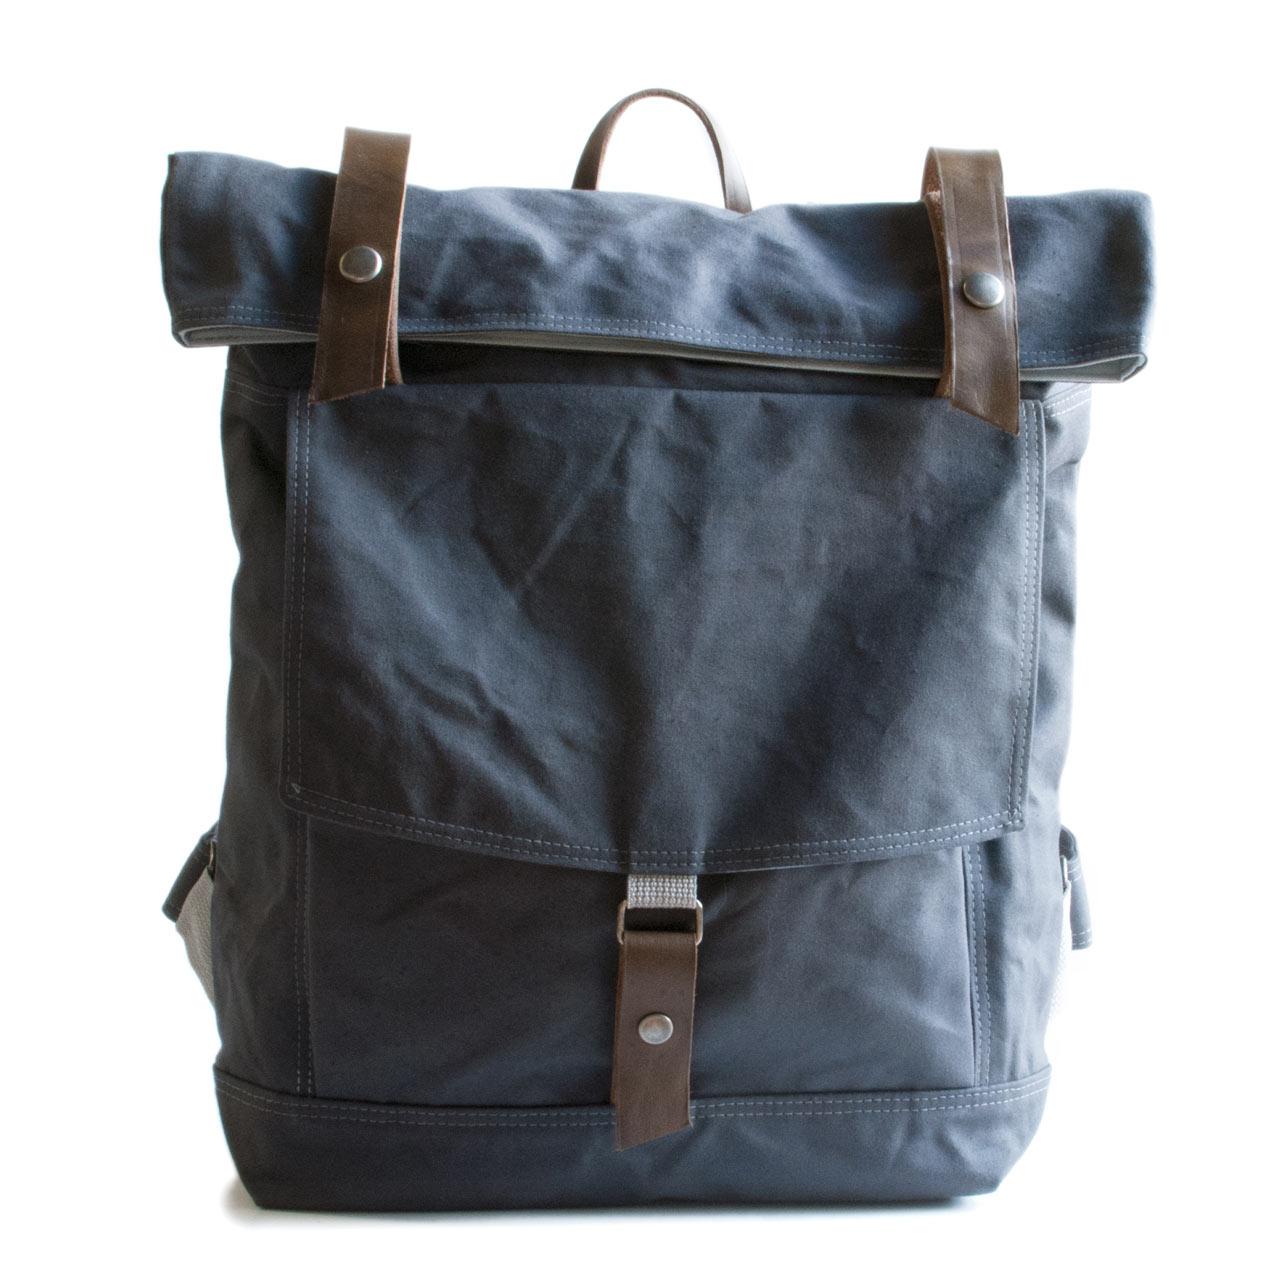 moop-backpack-gunmetal-gray